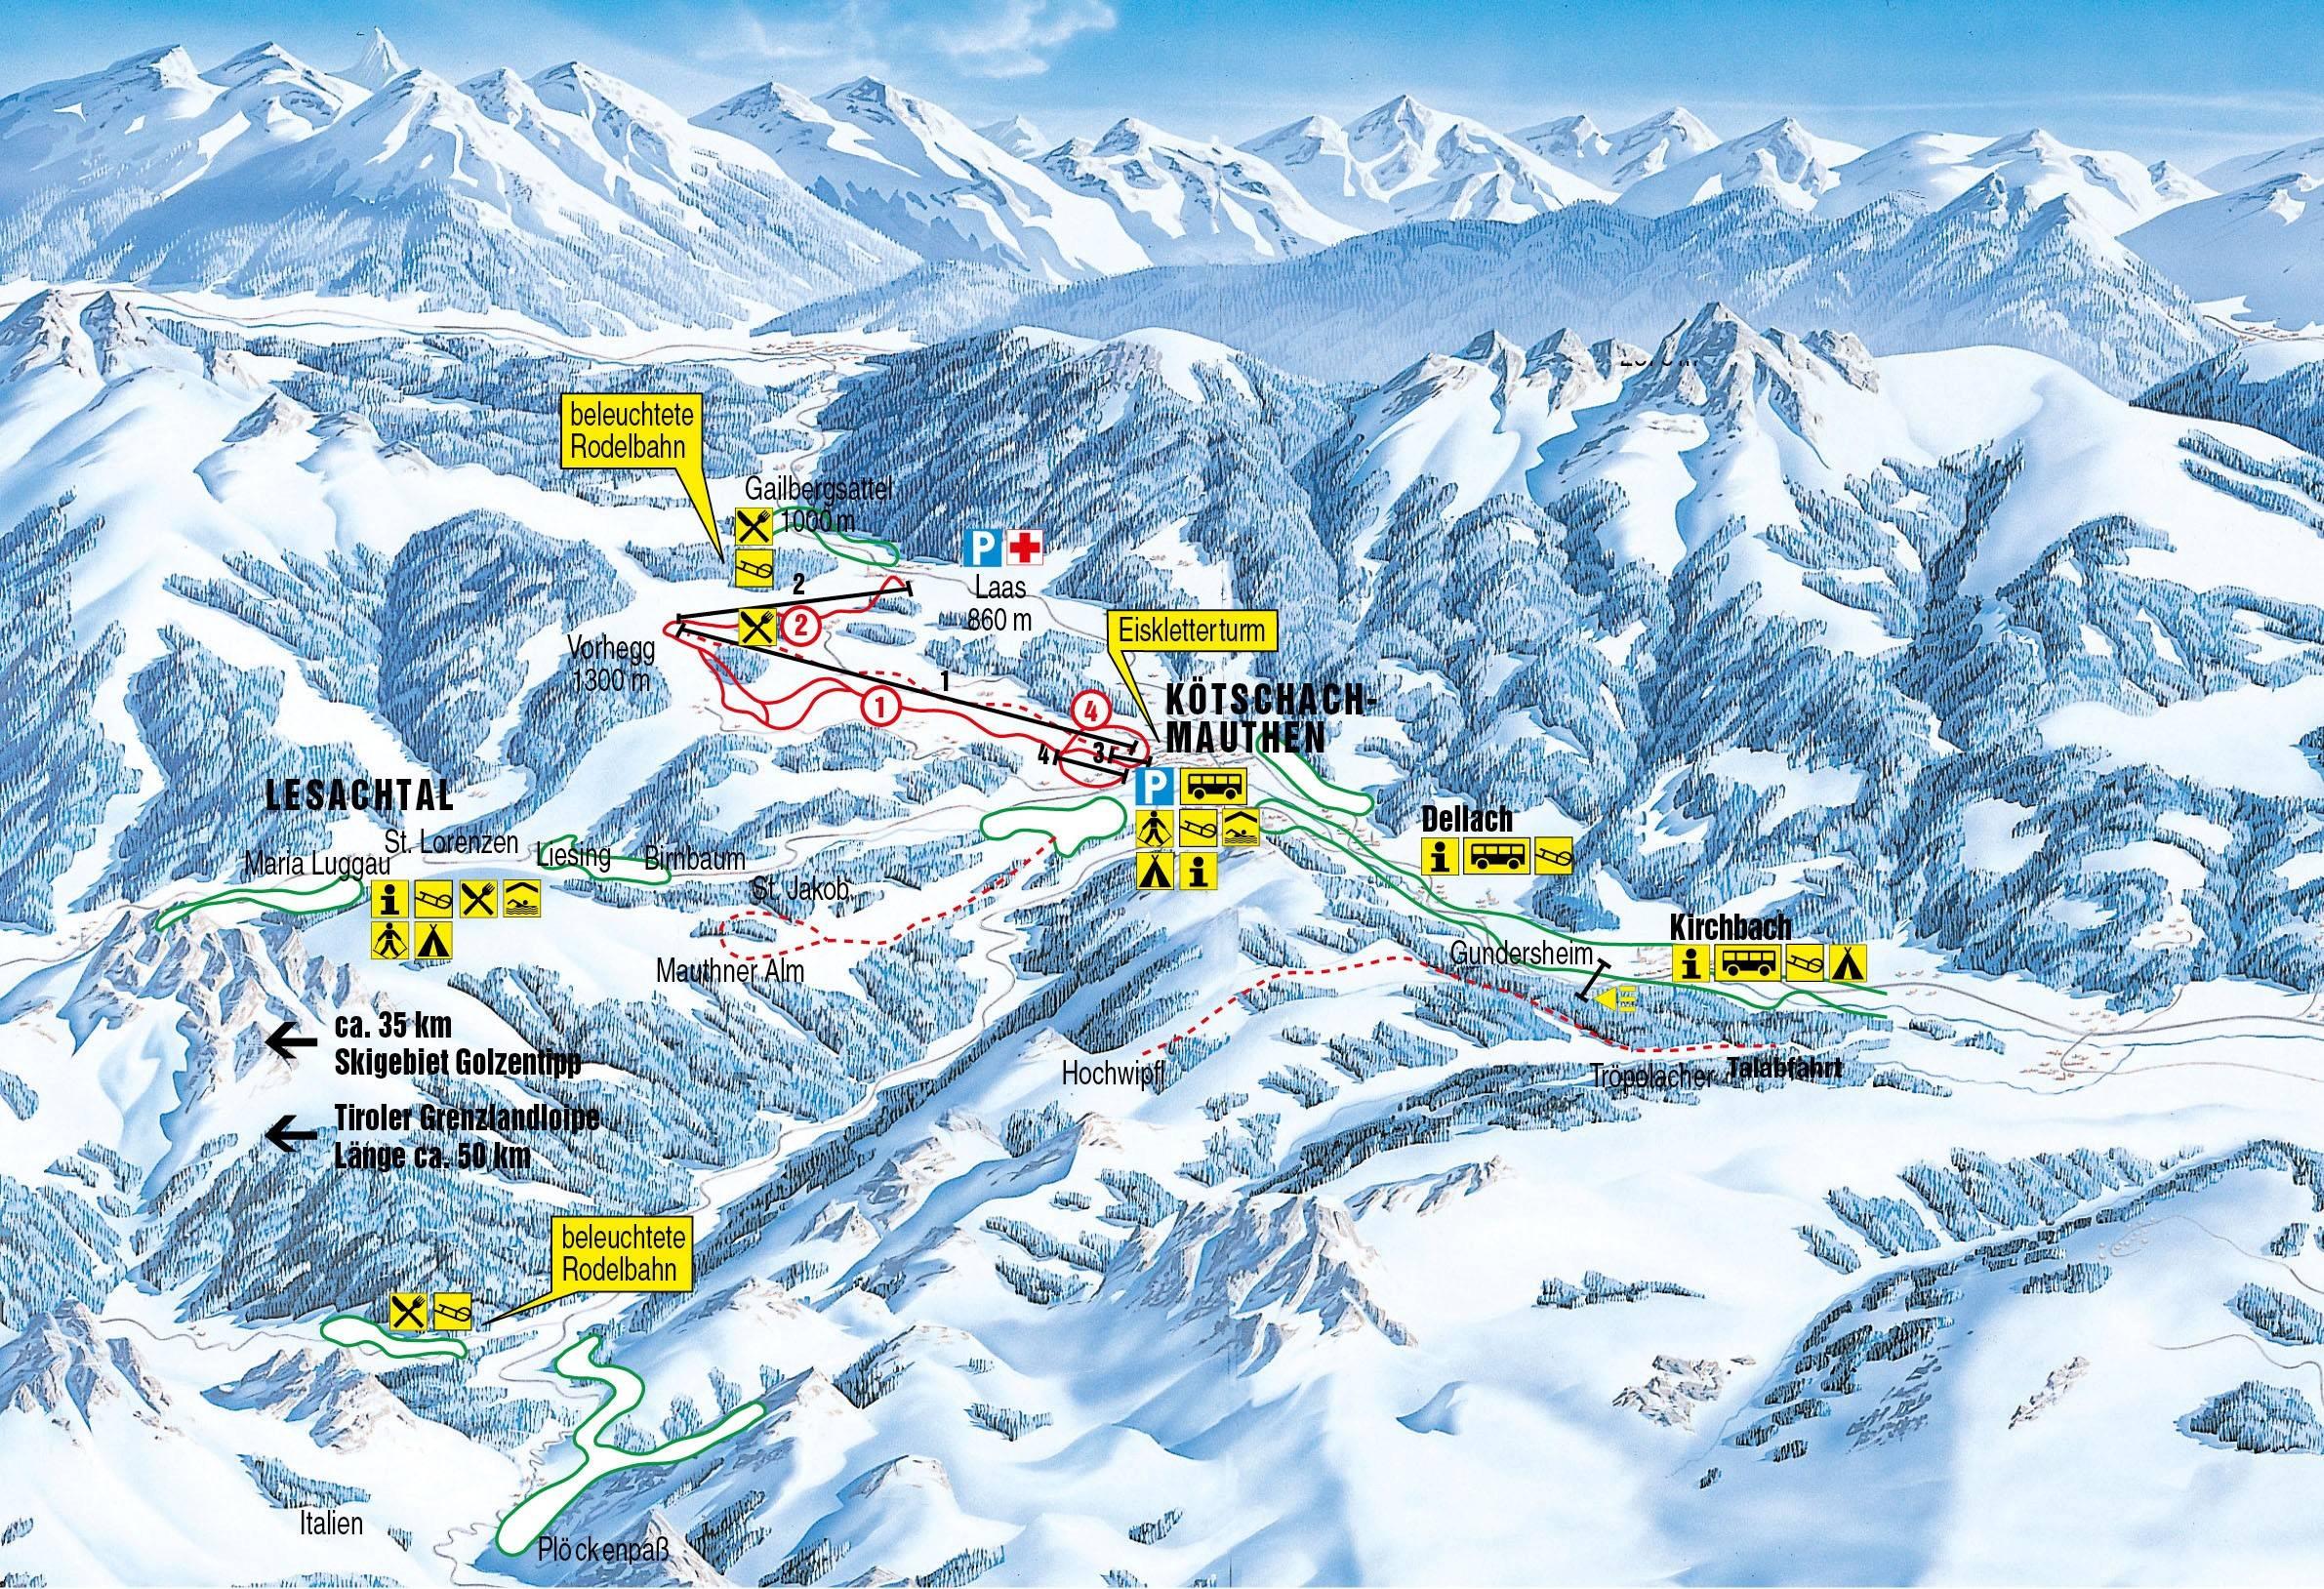 Ktschach-Mauthen Tourismus - Publications | Facebook